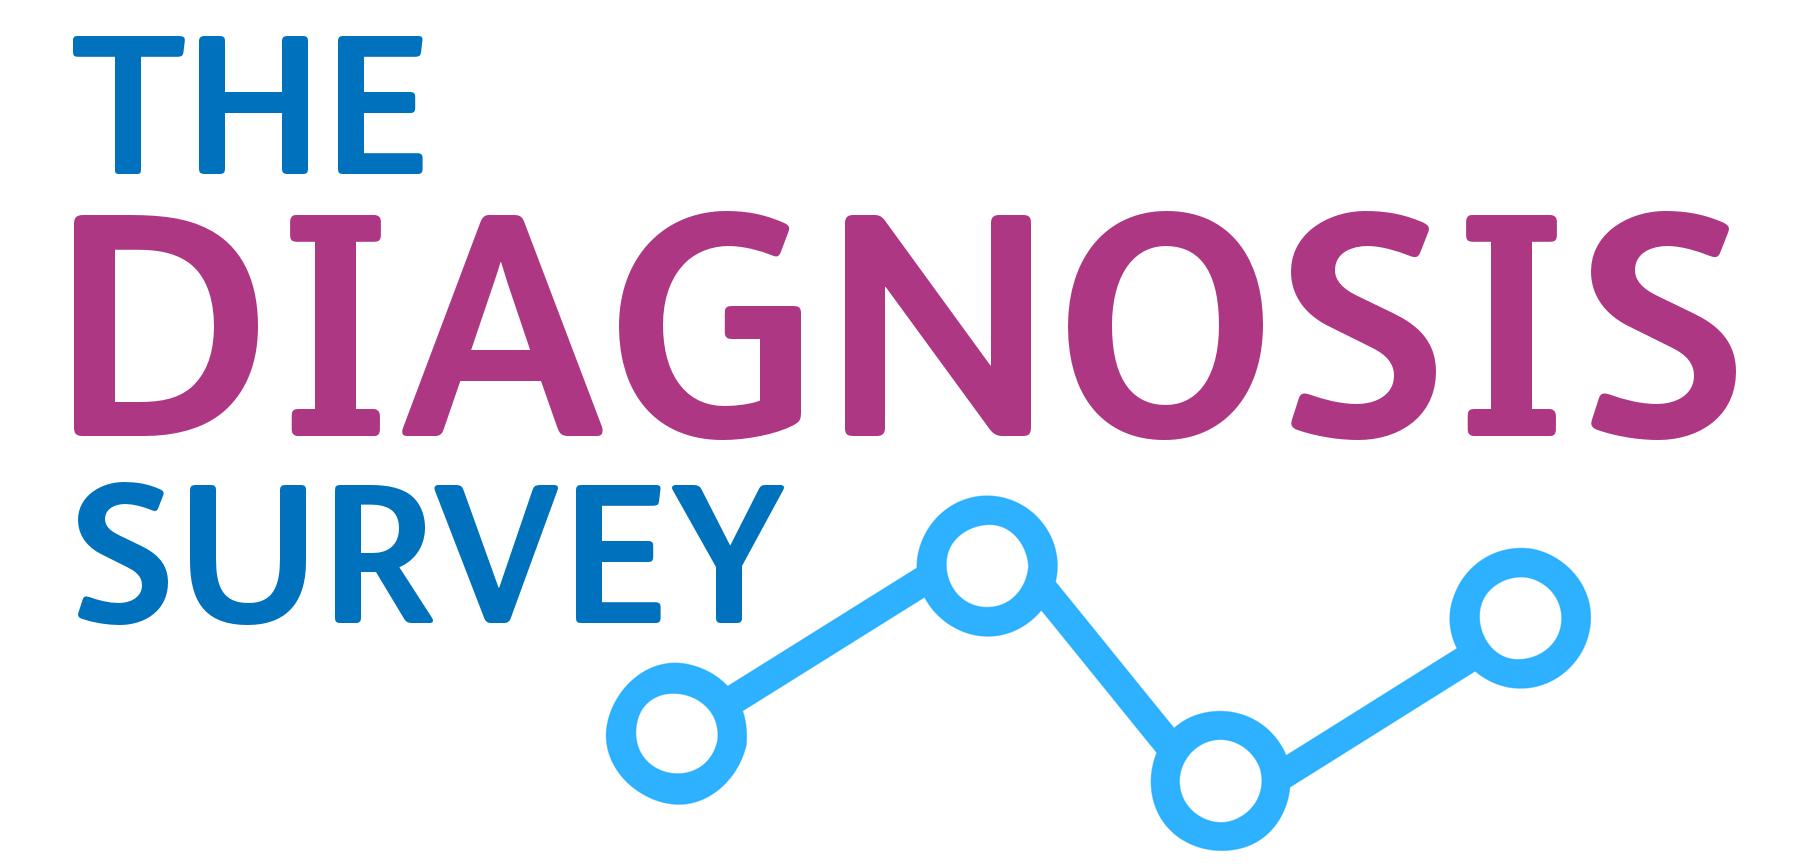 diagnosissurveylogo